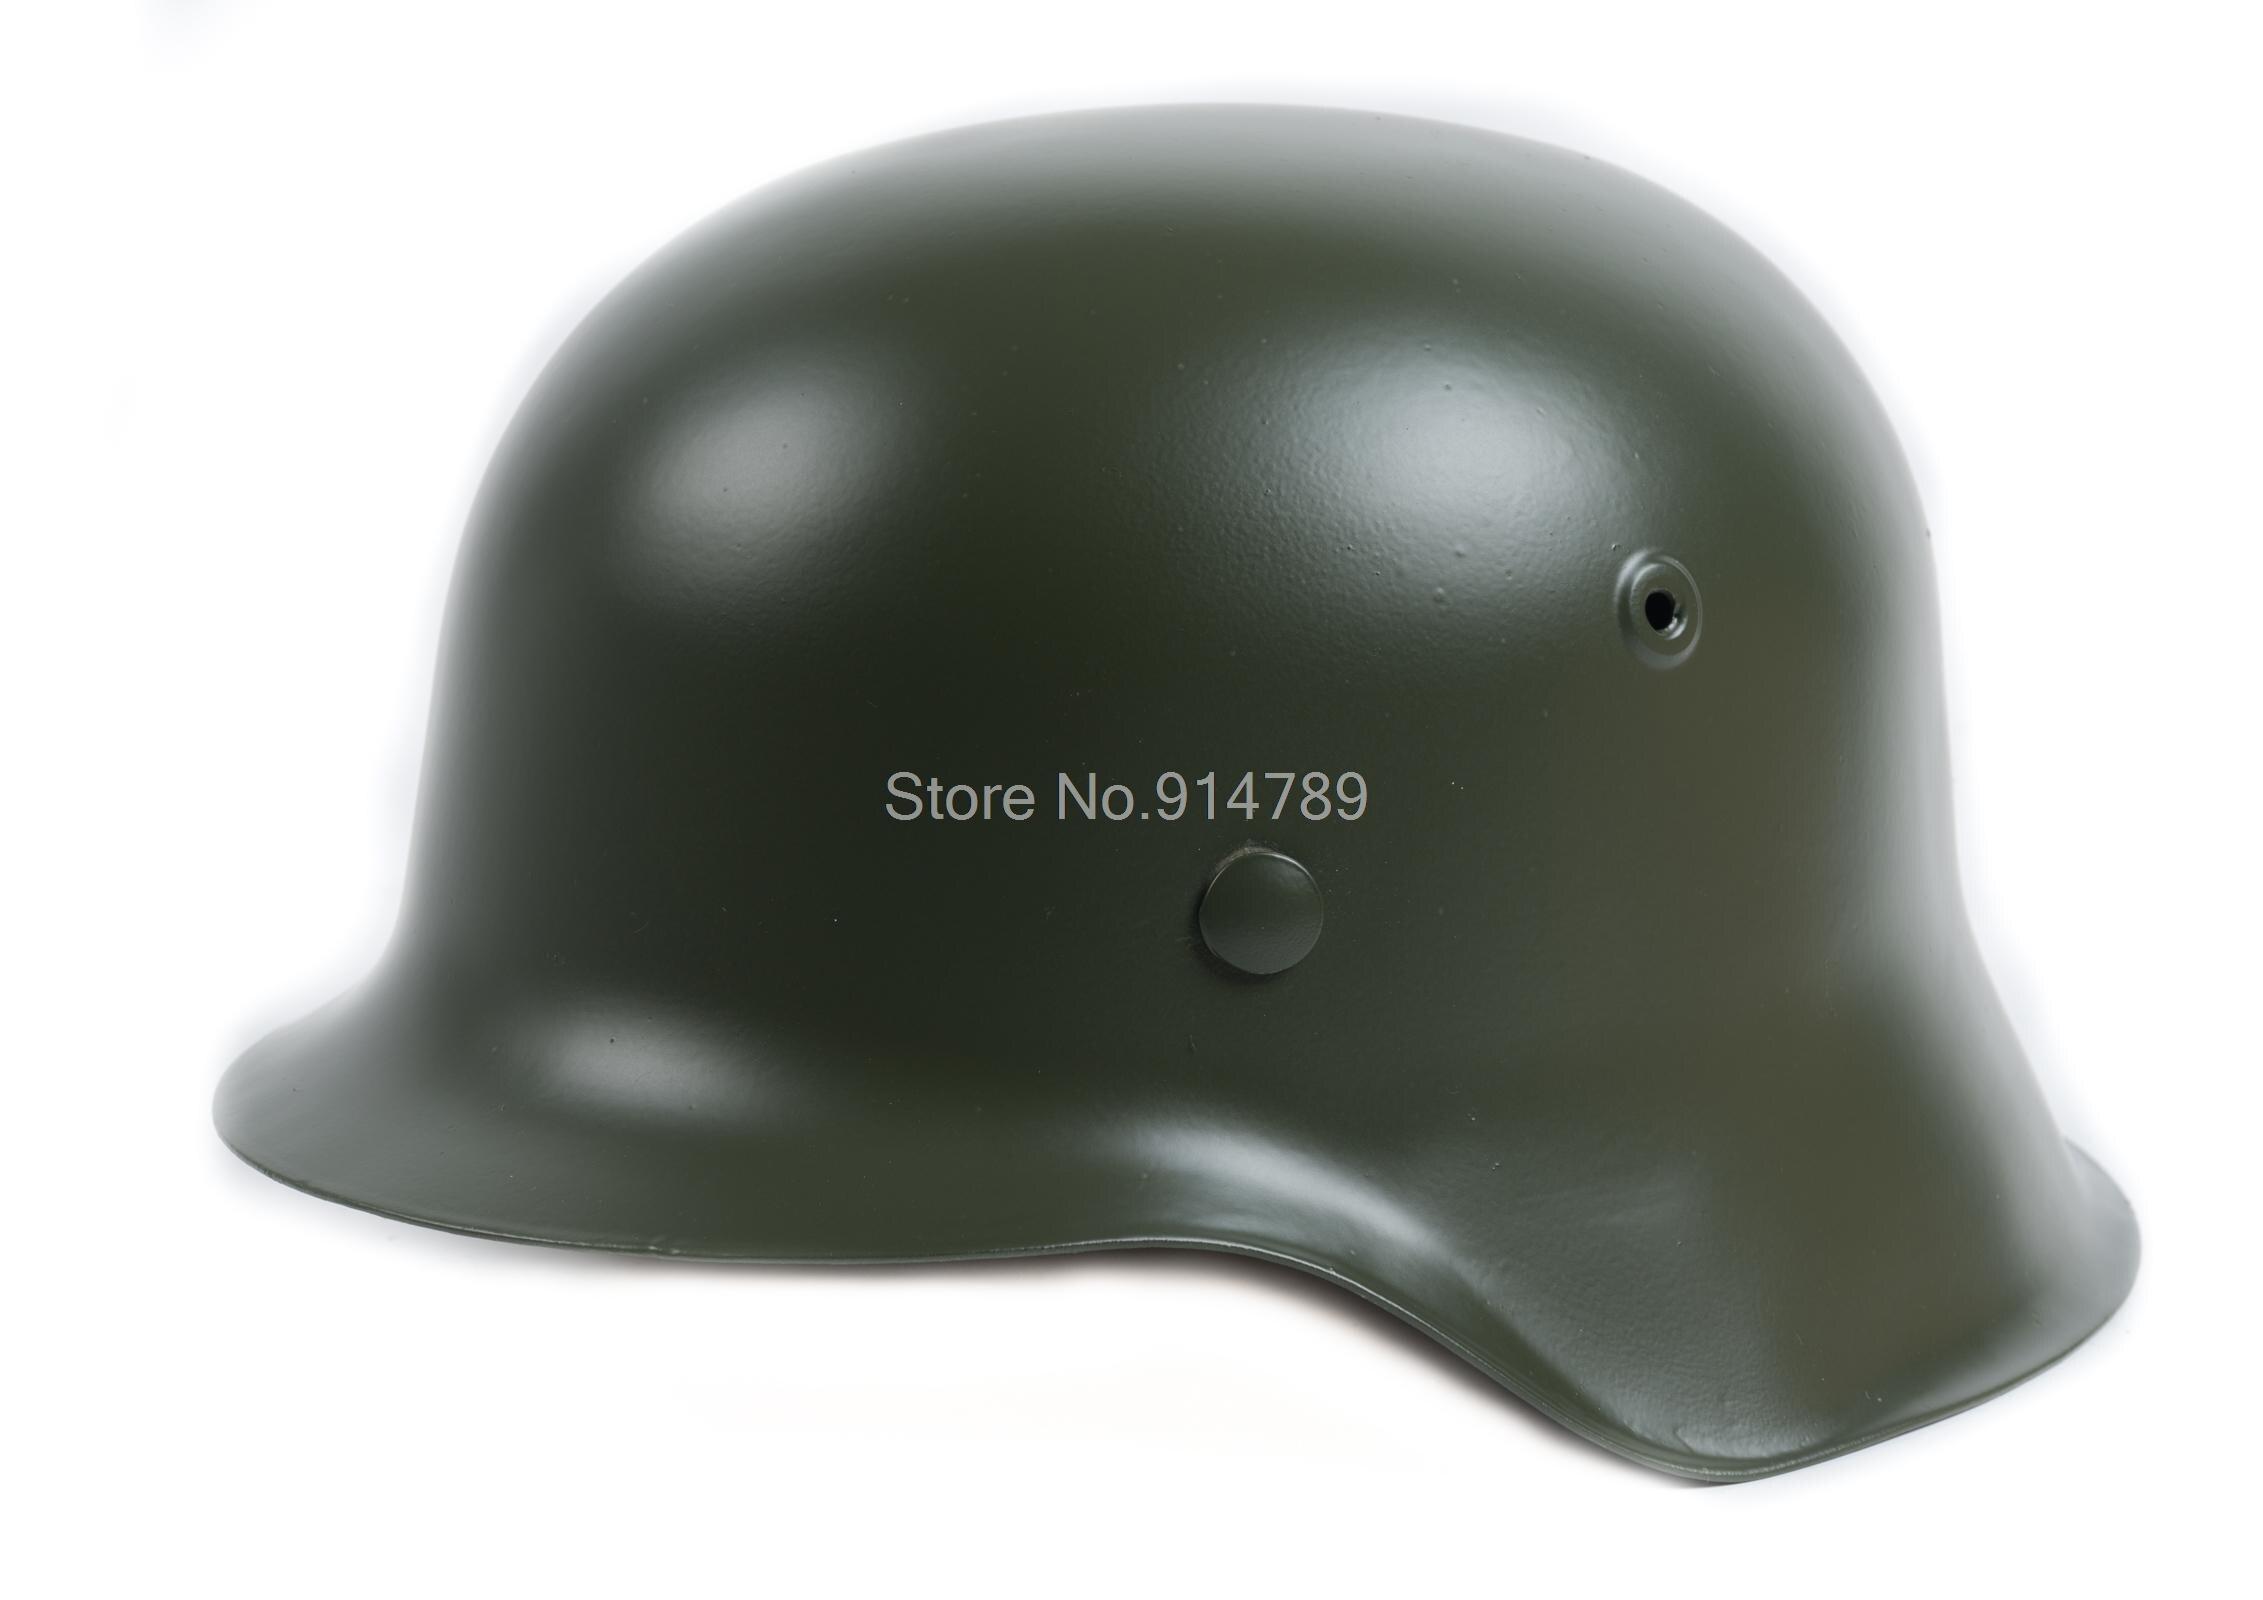 WW2 GERMAN ELITE WH ARMY M42 M1942 STEEL HELMET GREEN -35360